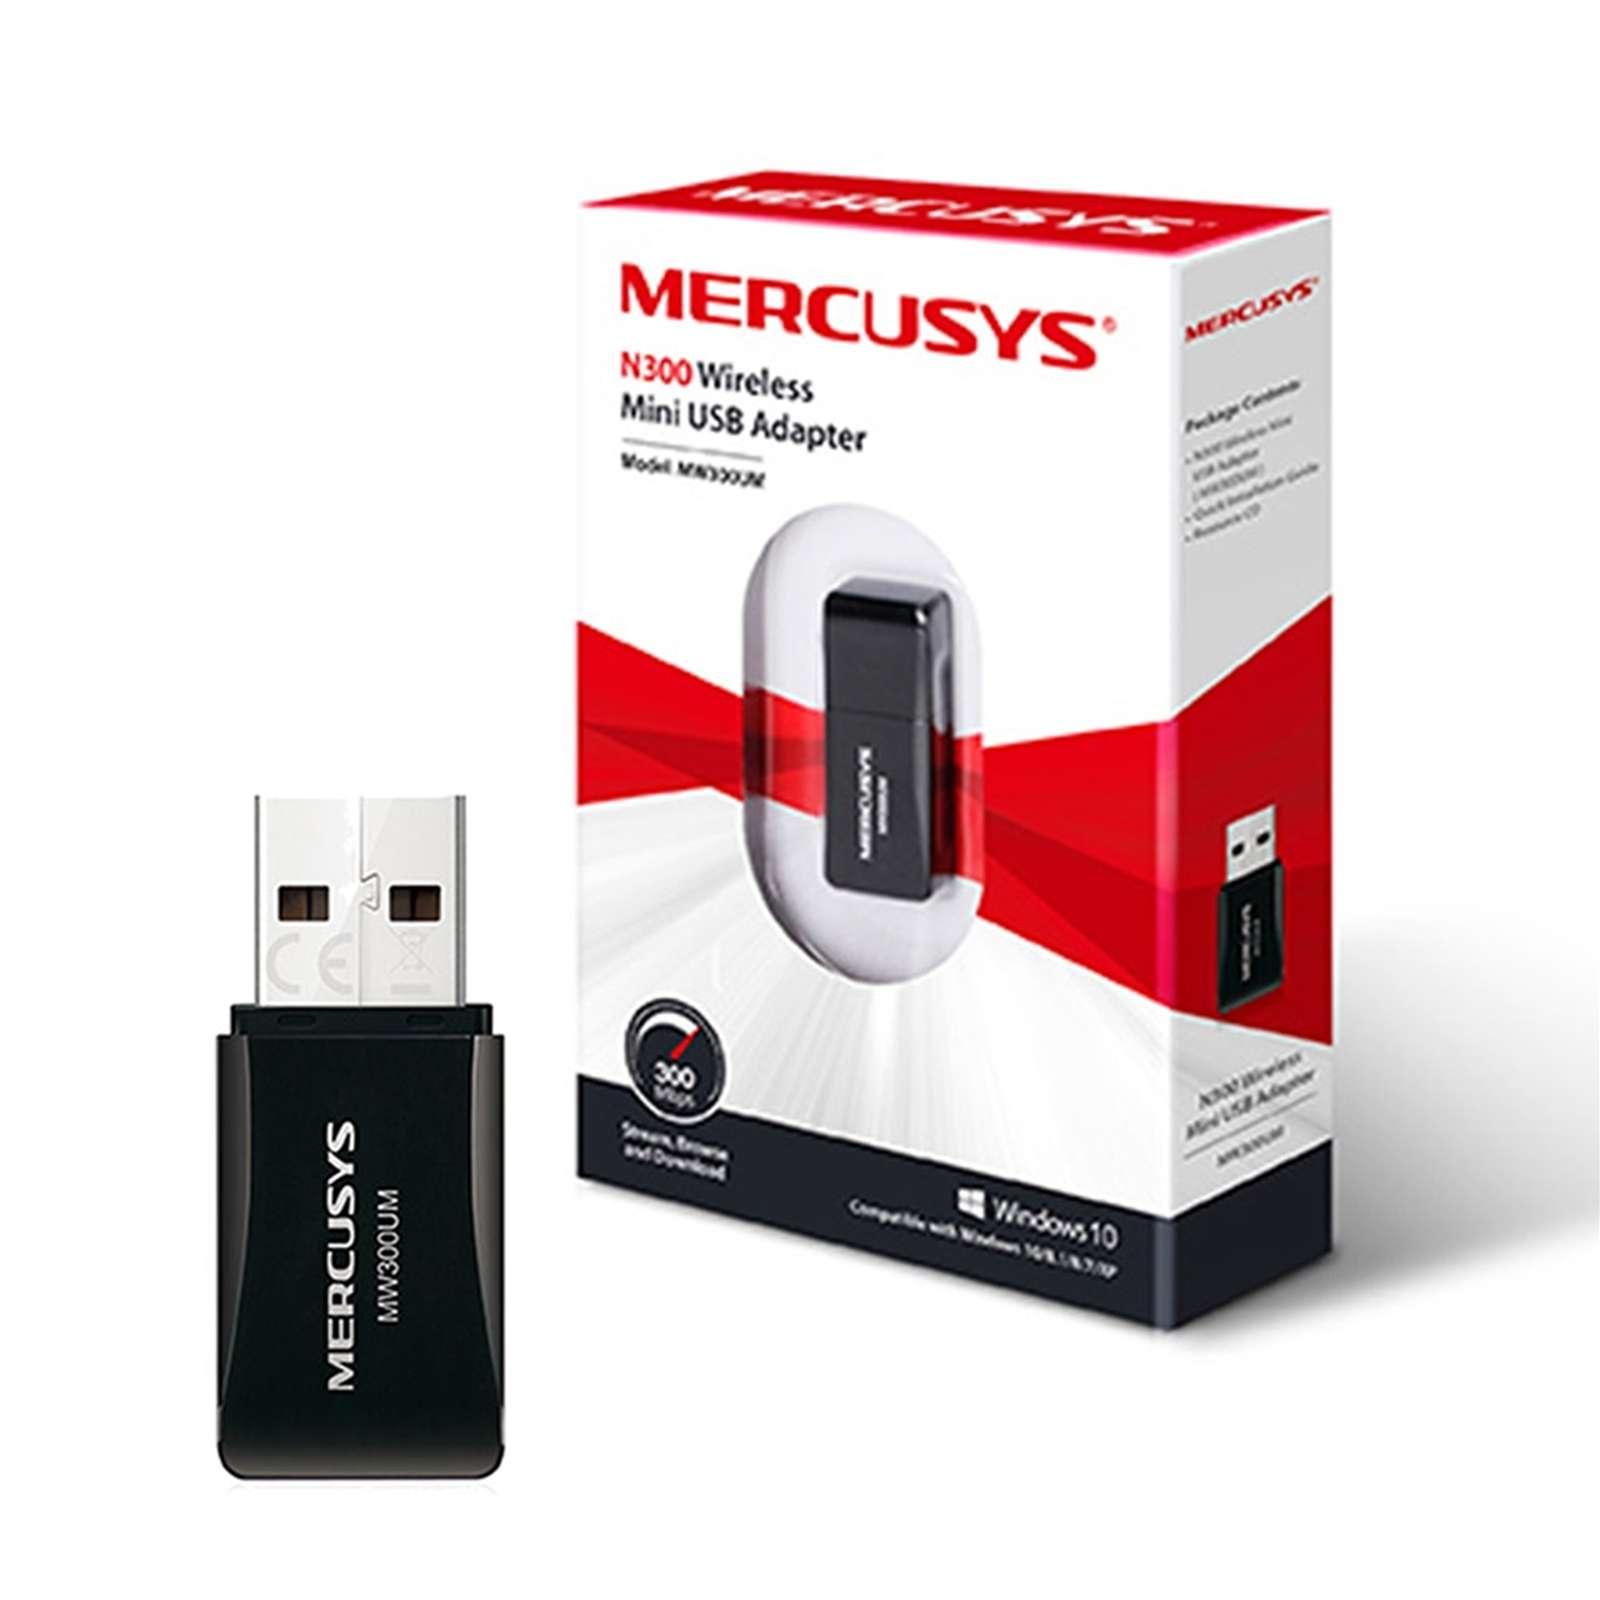 Mercusys – MW300UM N300 Wireless Mini USB Adapter